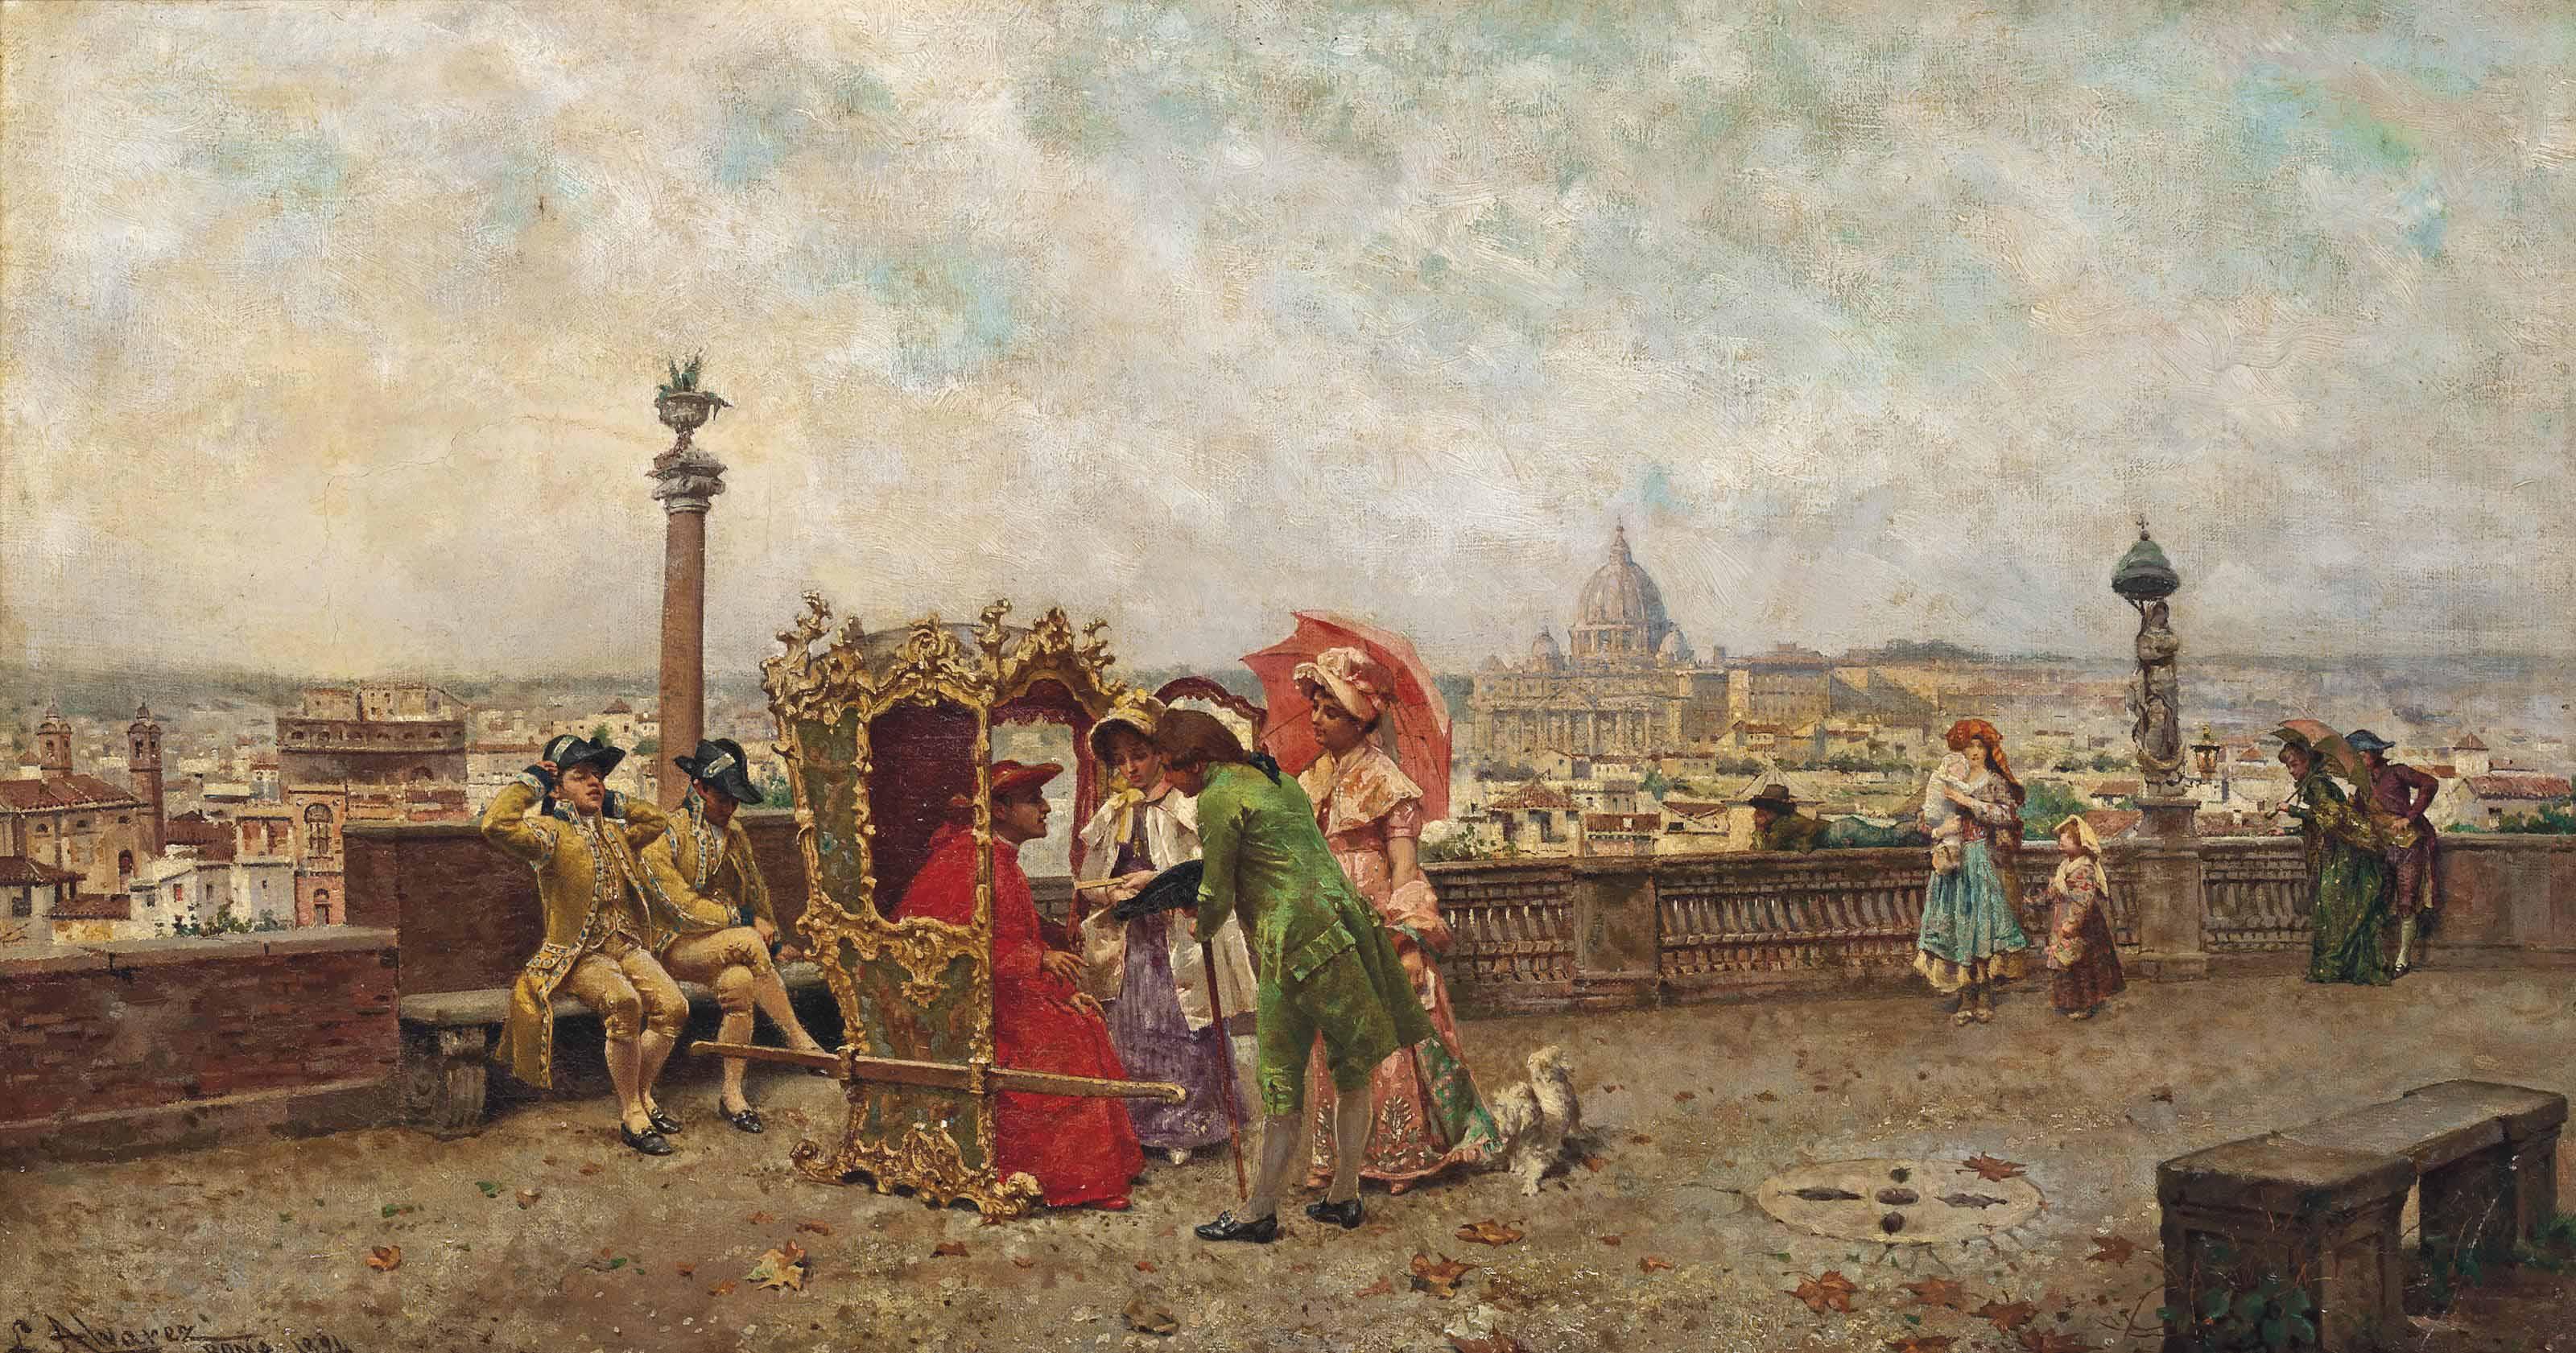 Cardinal's promenade at the Pincio, Rome